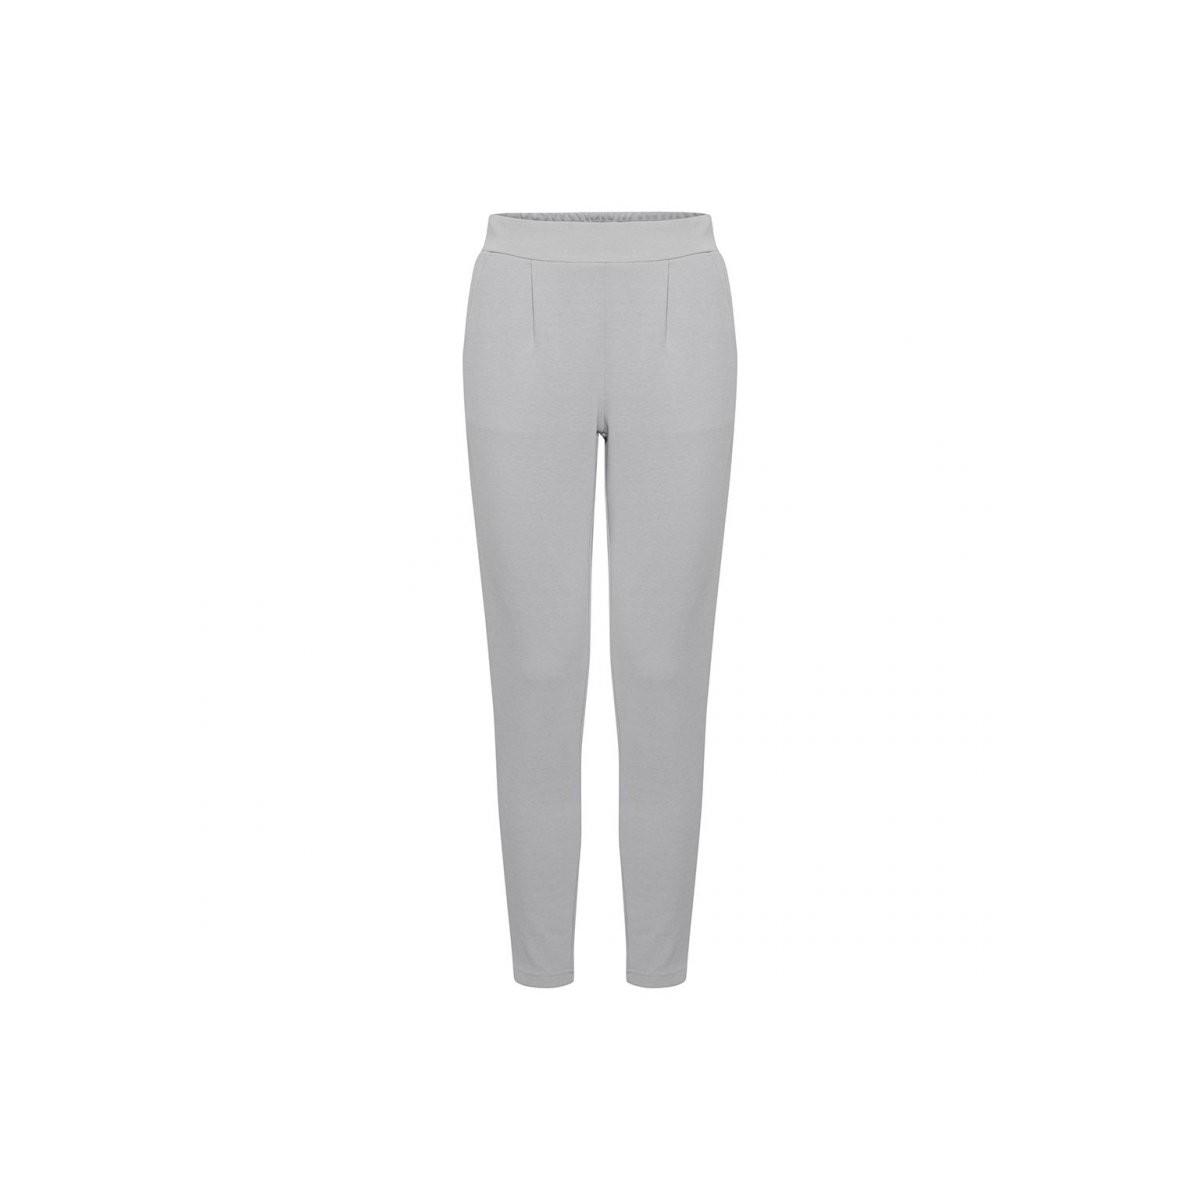 Ichi - Pantalon twisté gris clair femme